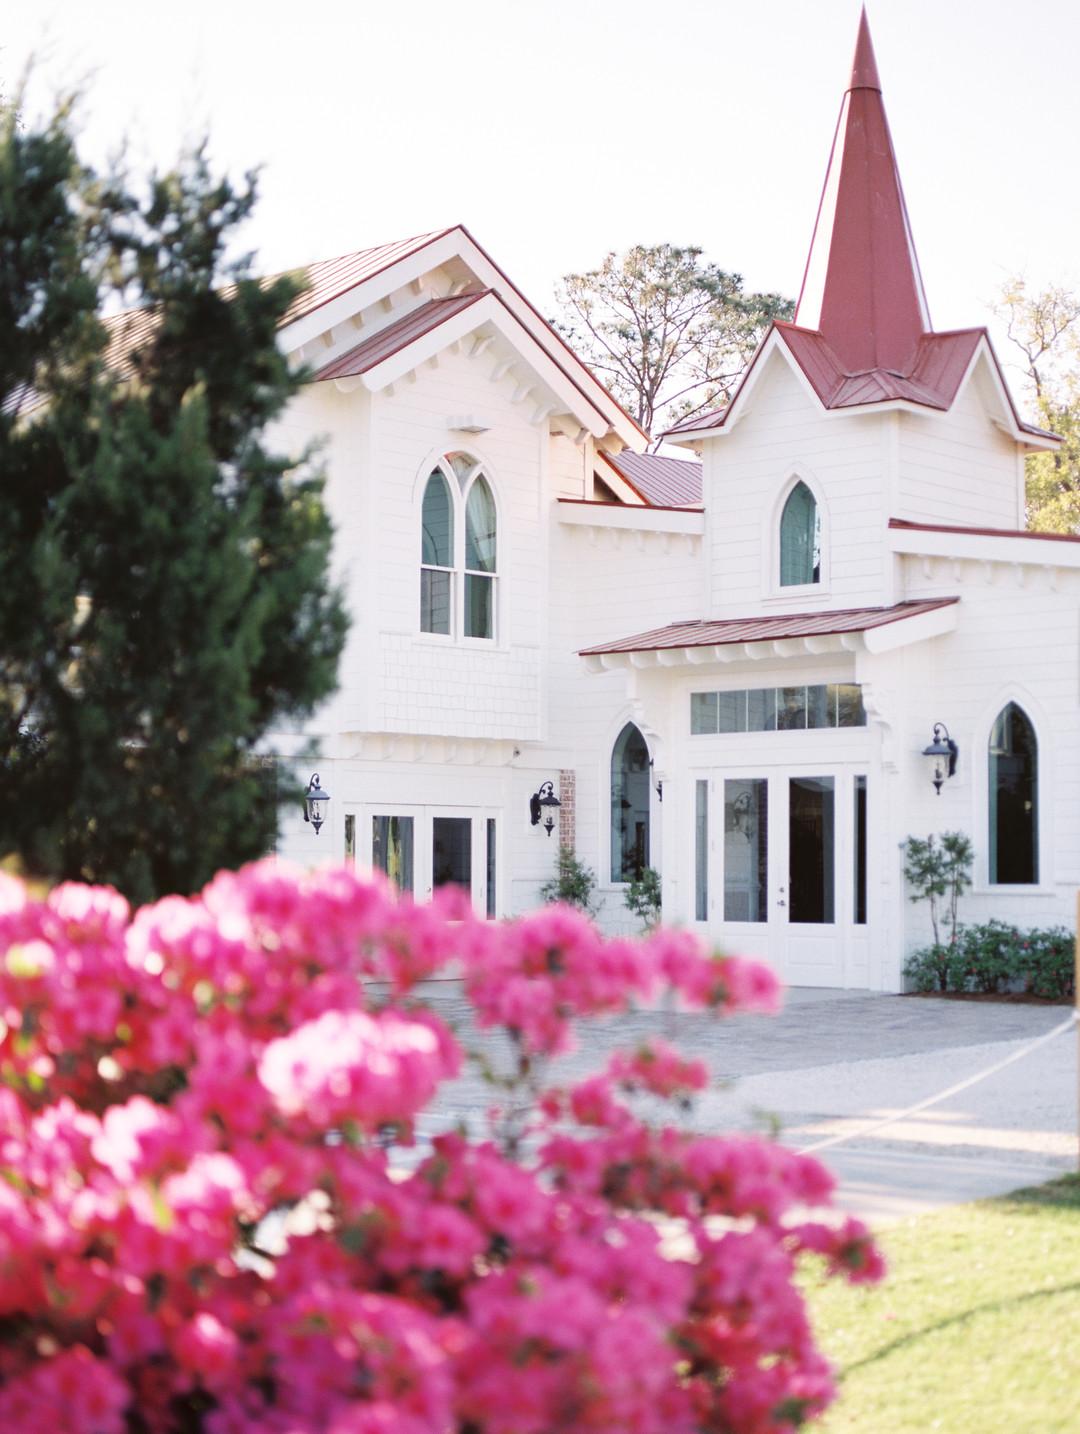 tybee-island-wedding-chapel-10.jpg